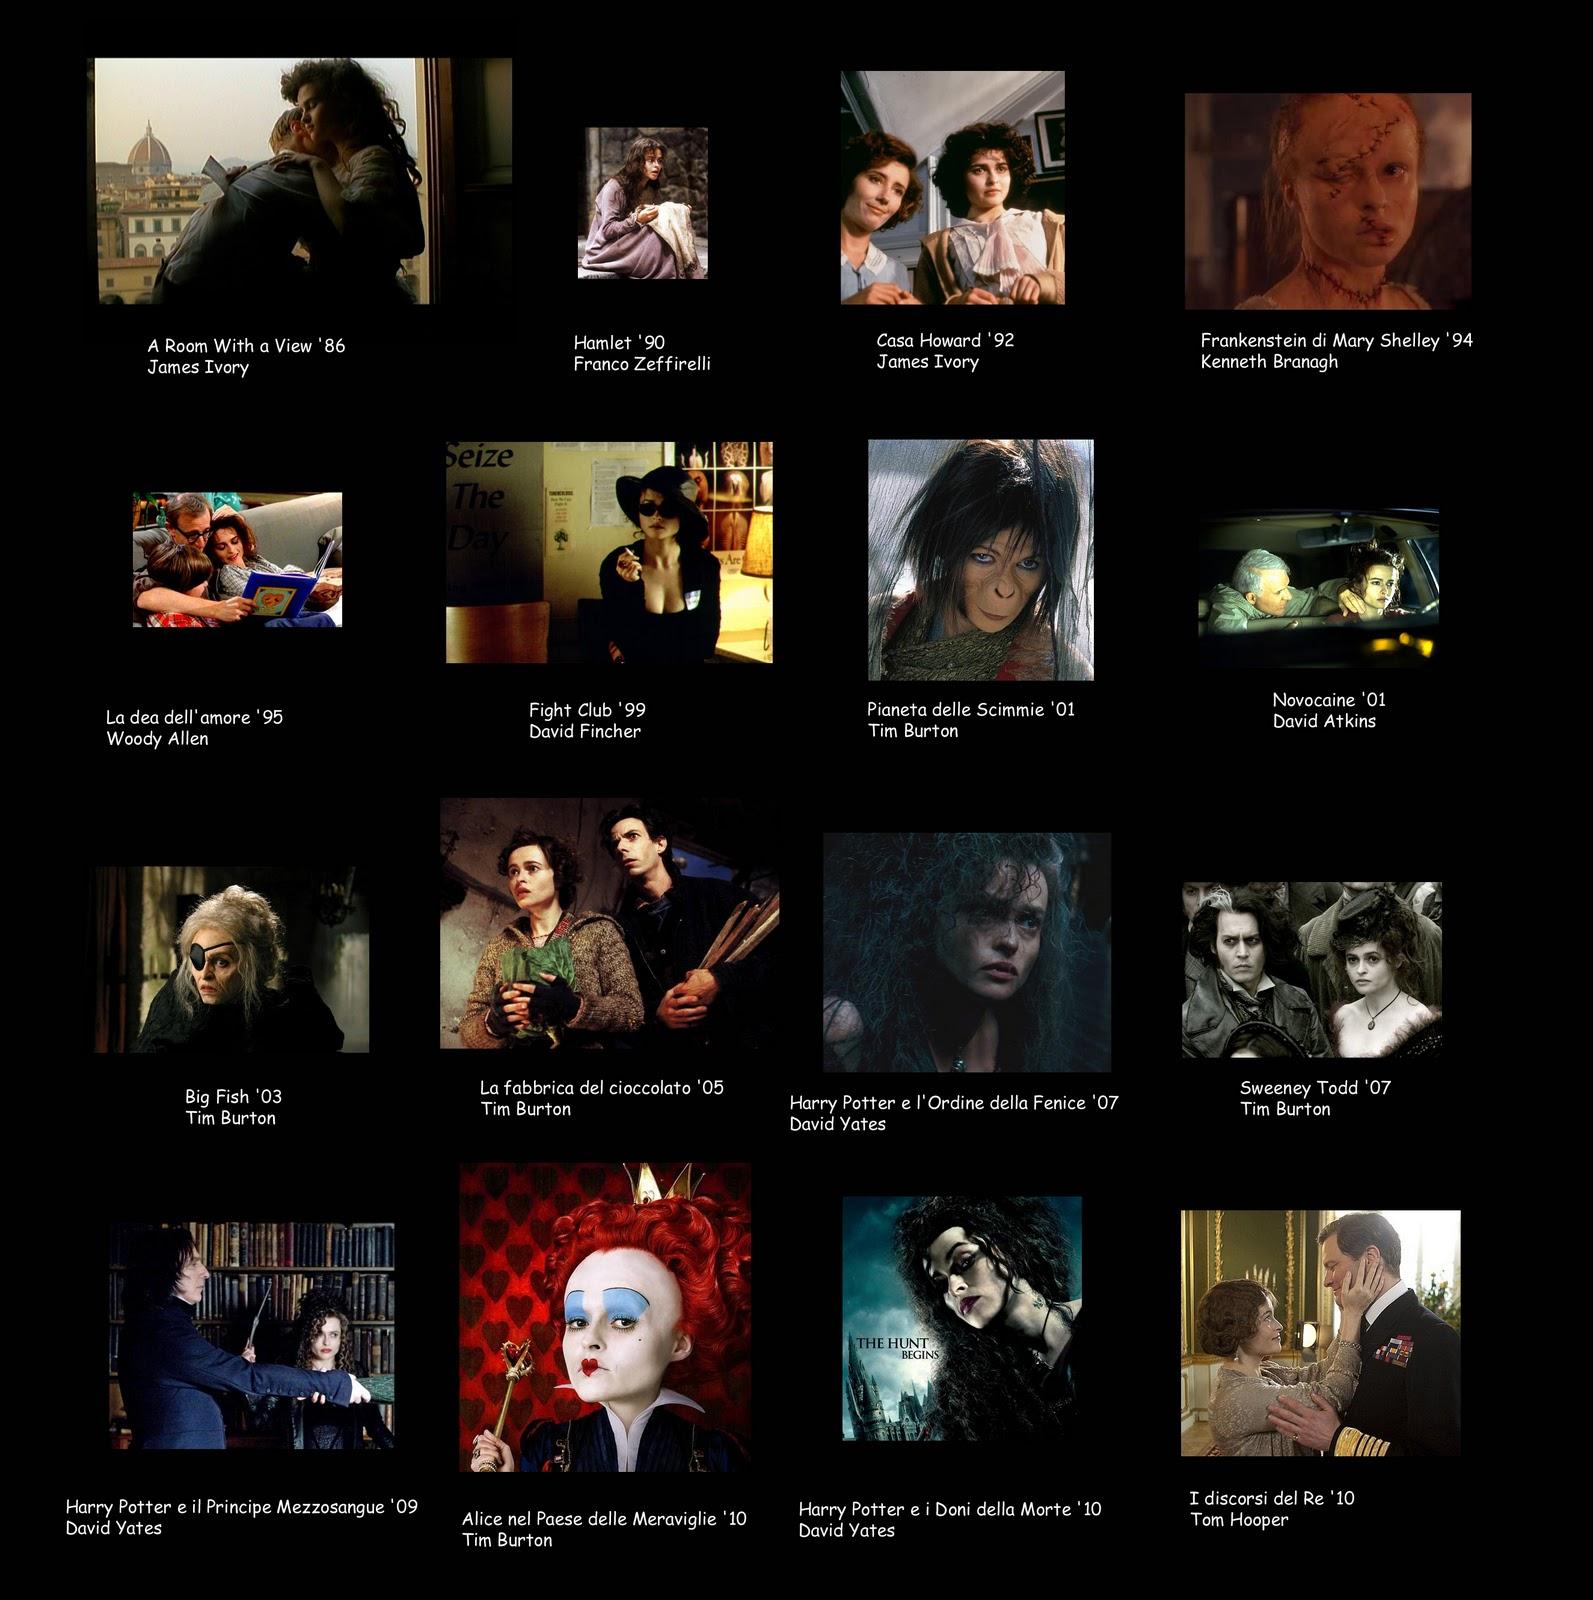 http://4.bp.blogspot.com/_eydVr2FUy44/TUBIDQ2-0eI/AAAAAAAAAJM/bS0qnfrli2s/s1600/Helena+B.jpg